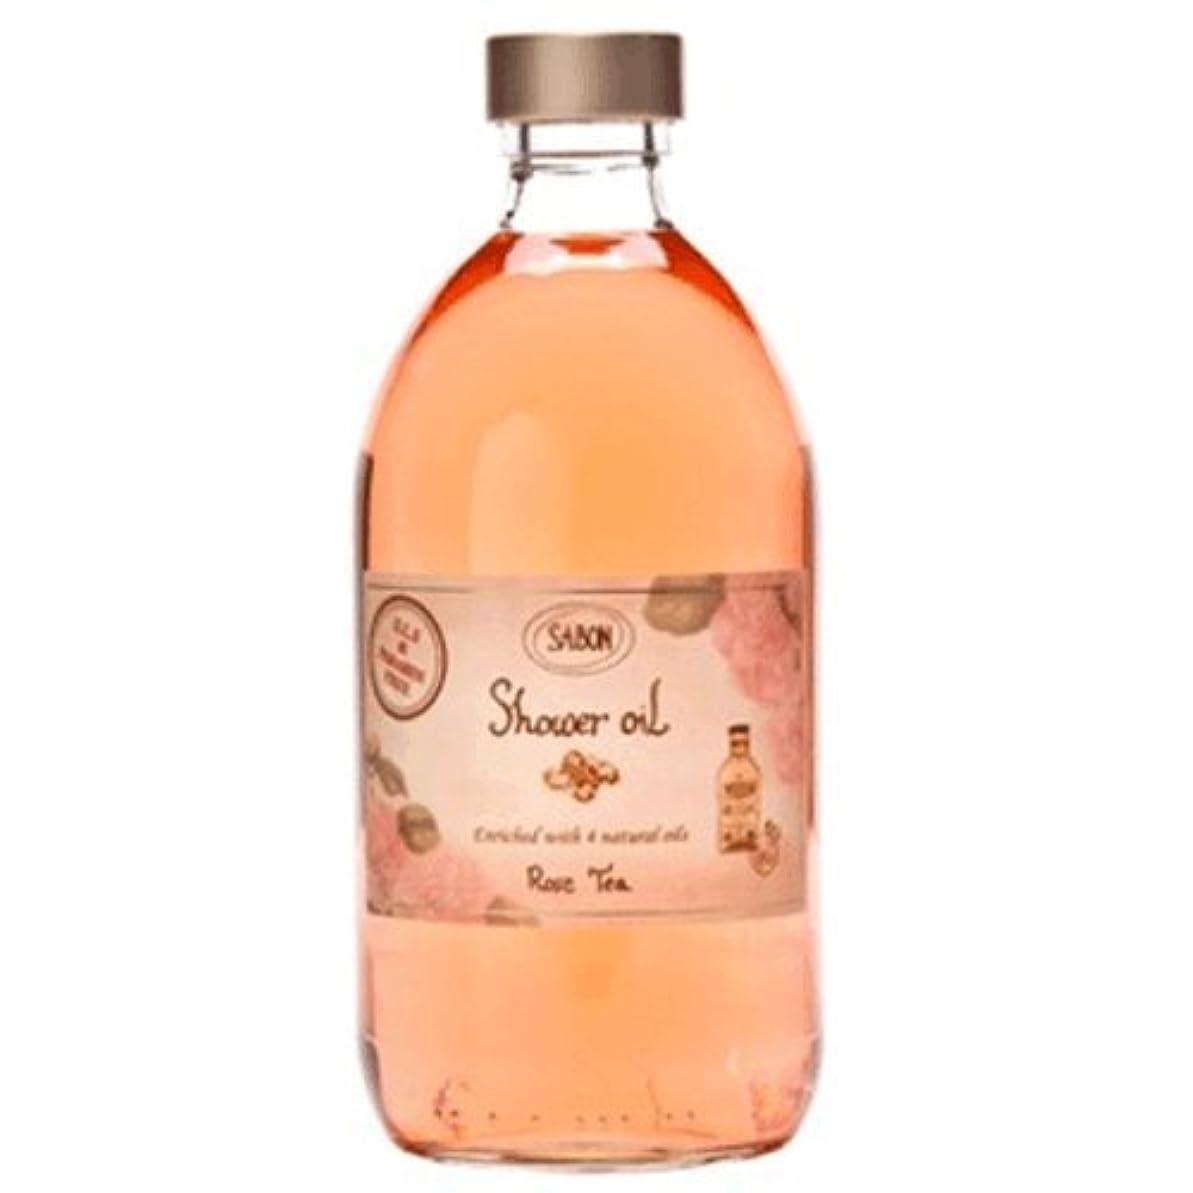 にぎやか市場成り立つ【サボン】シャワーオイル ローズティー(Rose Tea) ポンプ付き 500ml